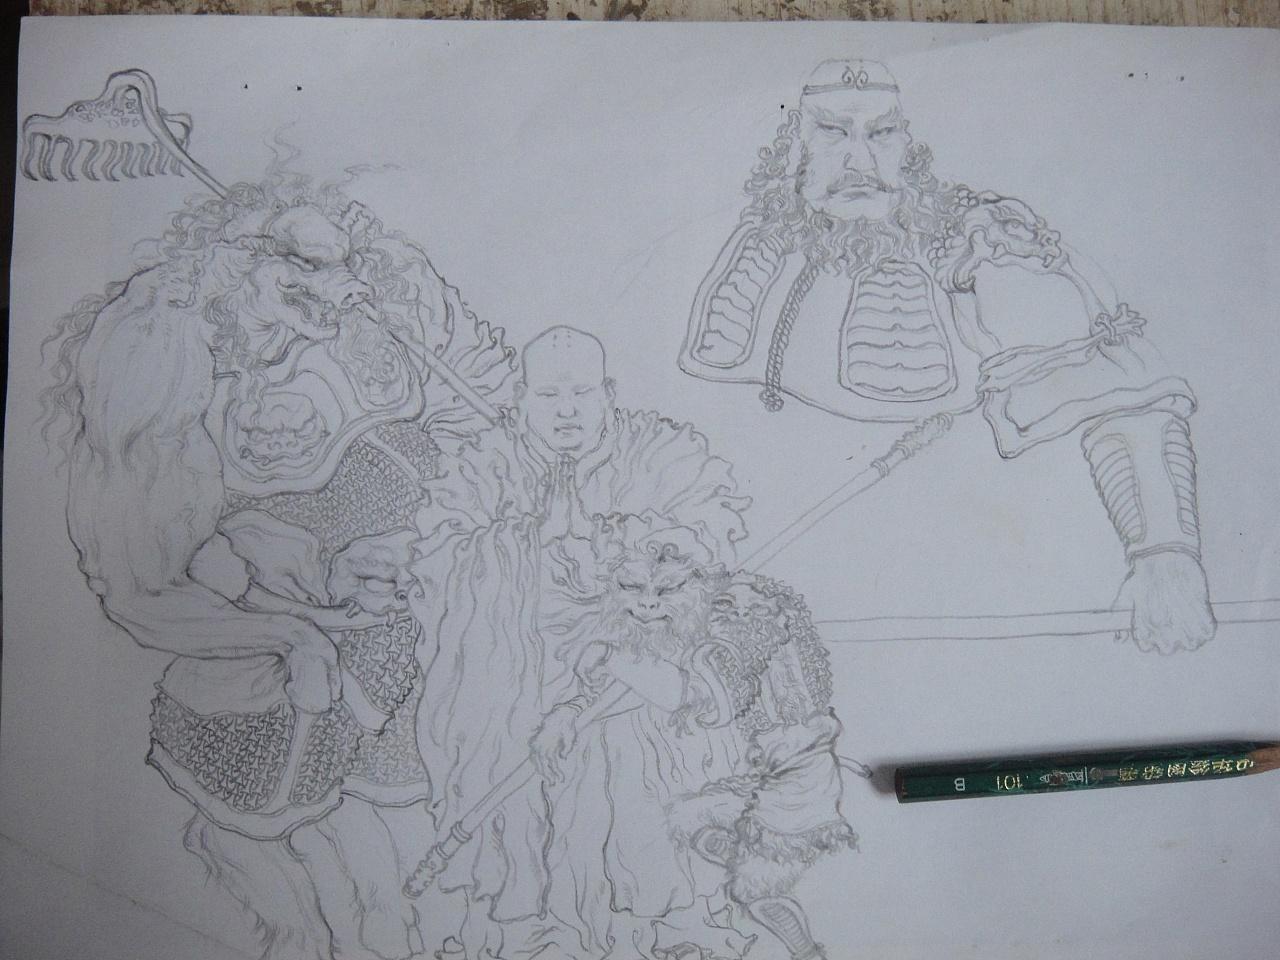 第一次画,铅笔手绘,不知道算不算插画